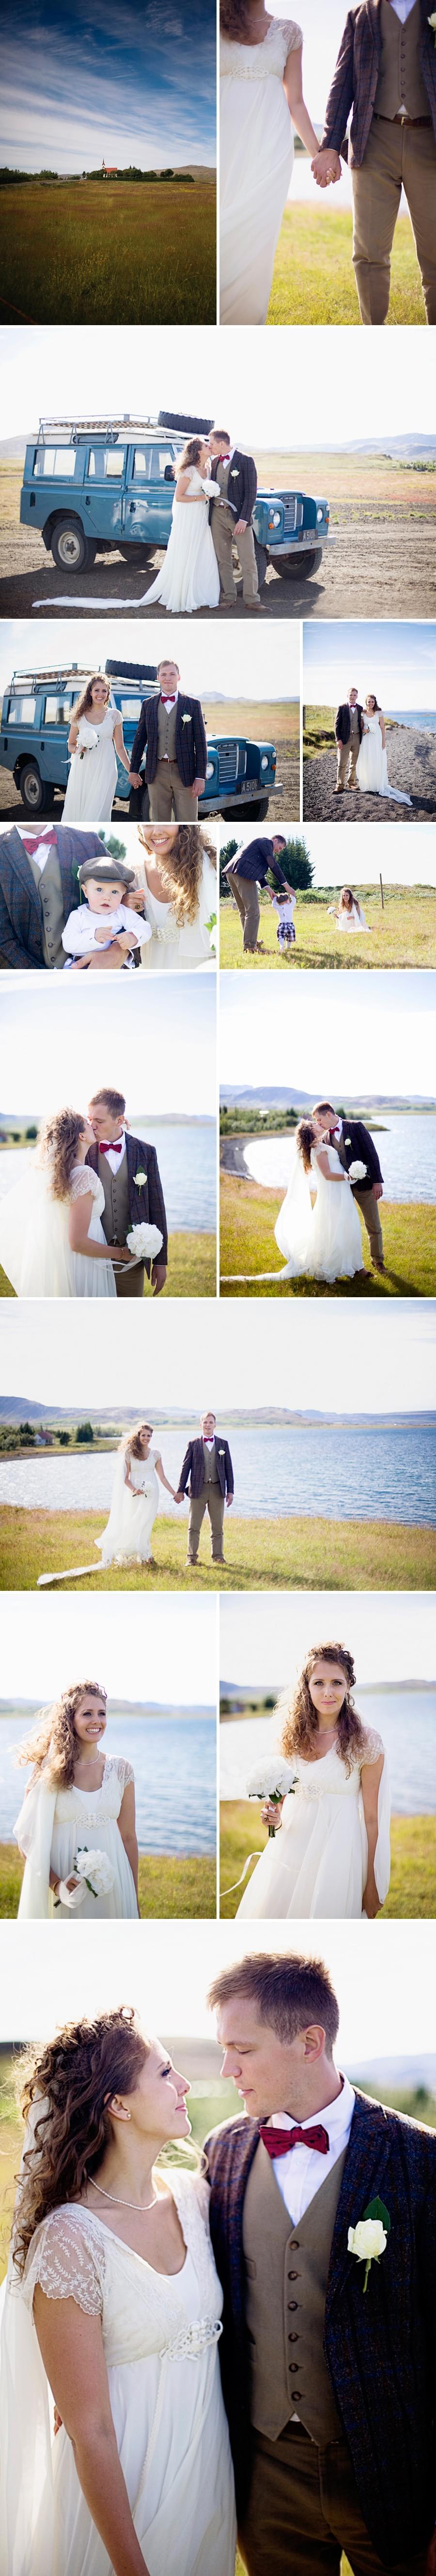 islandia ślub na islandii Kotstrandarkirkja gudny photography islandzie sluby latem ślub fotoreportaż